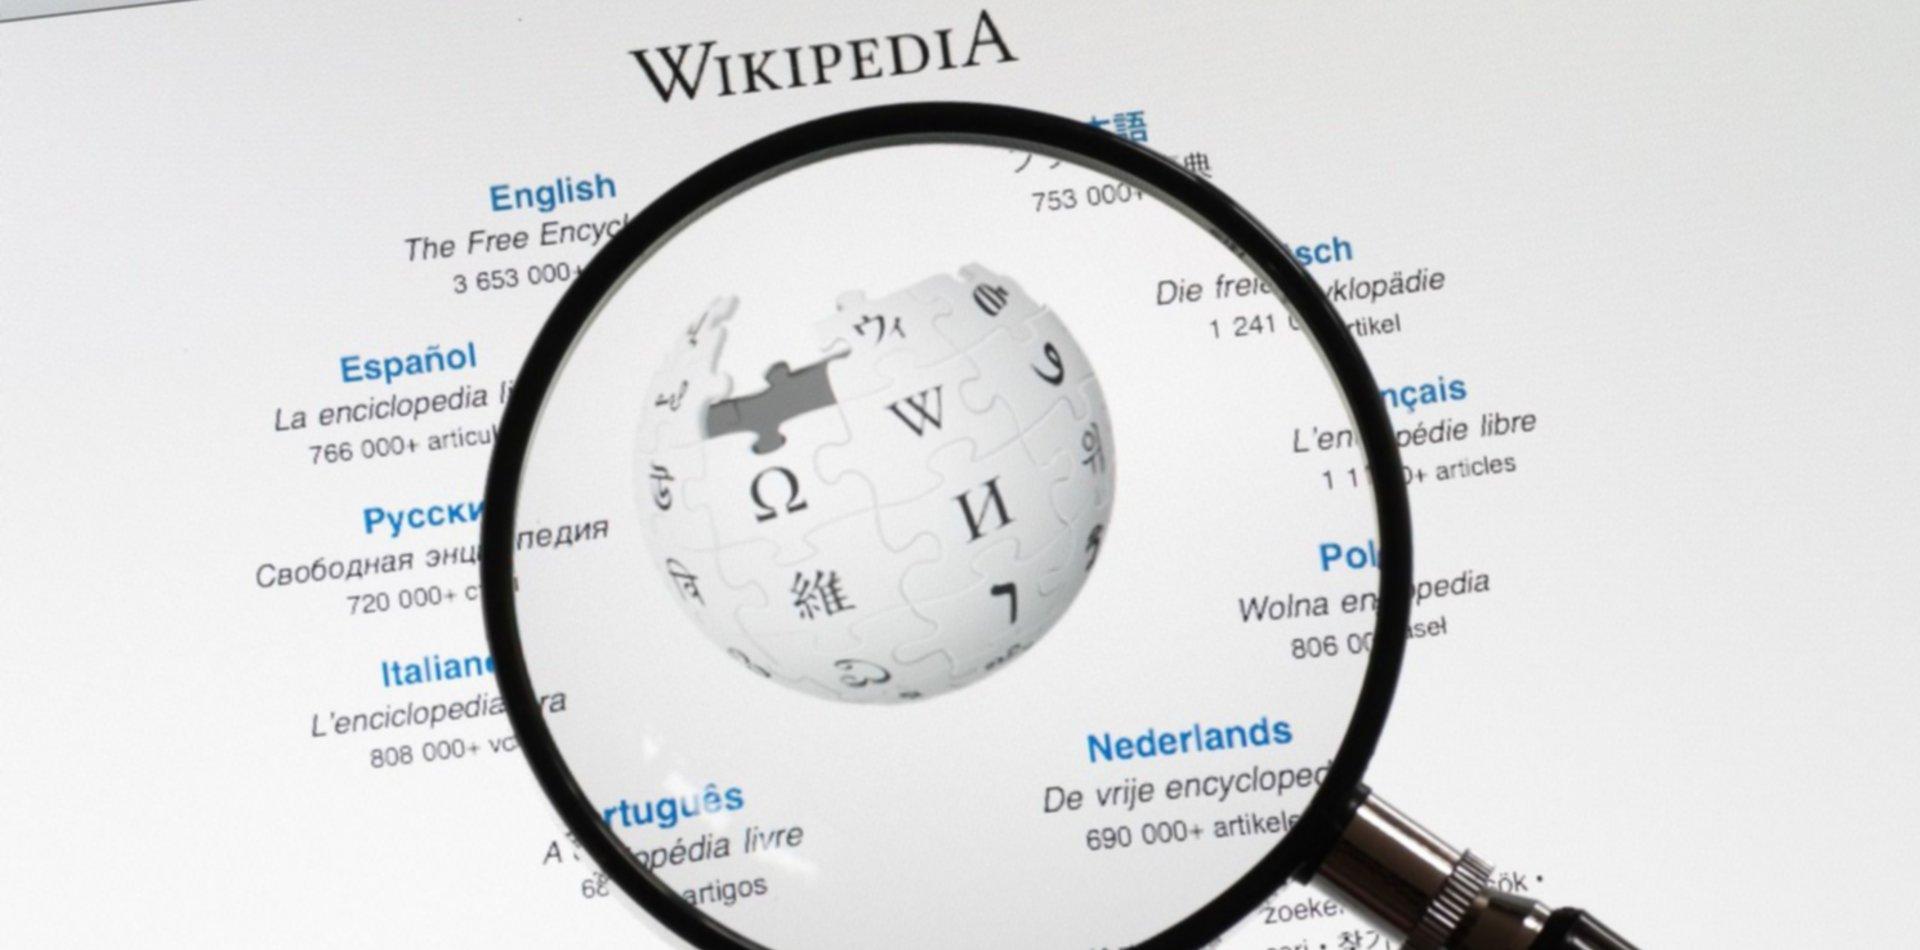 ¿Qué hay detrás del mundo Wikipedia? - Radio Cantilo